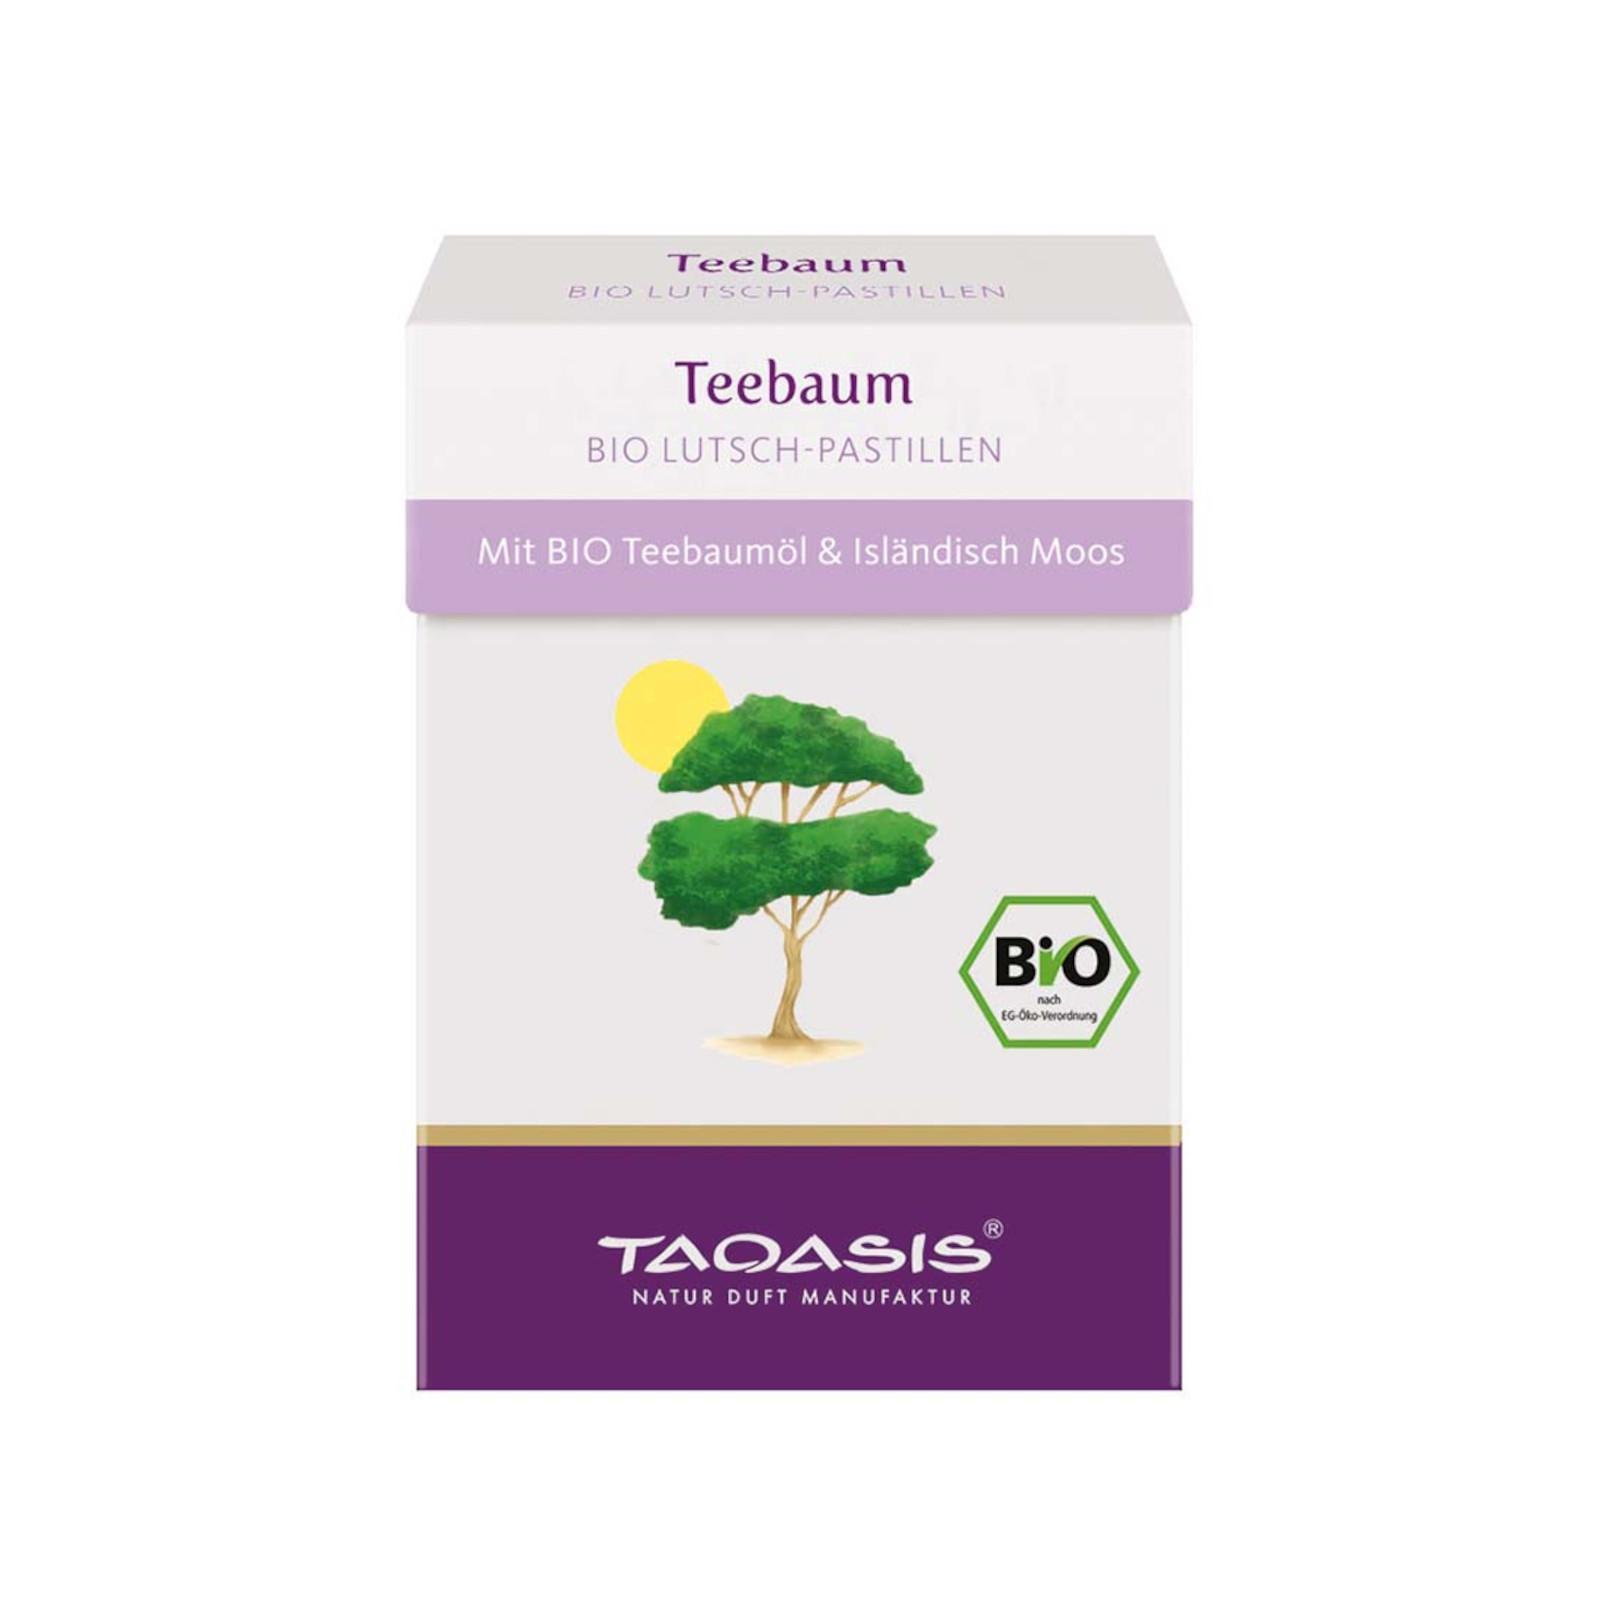 Taoasis Pastilky Tea tree, Bio 30 g